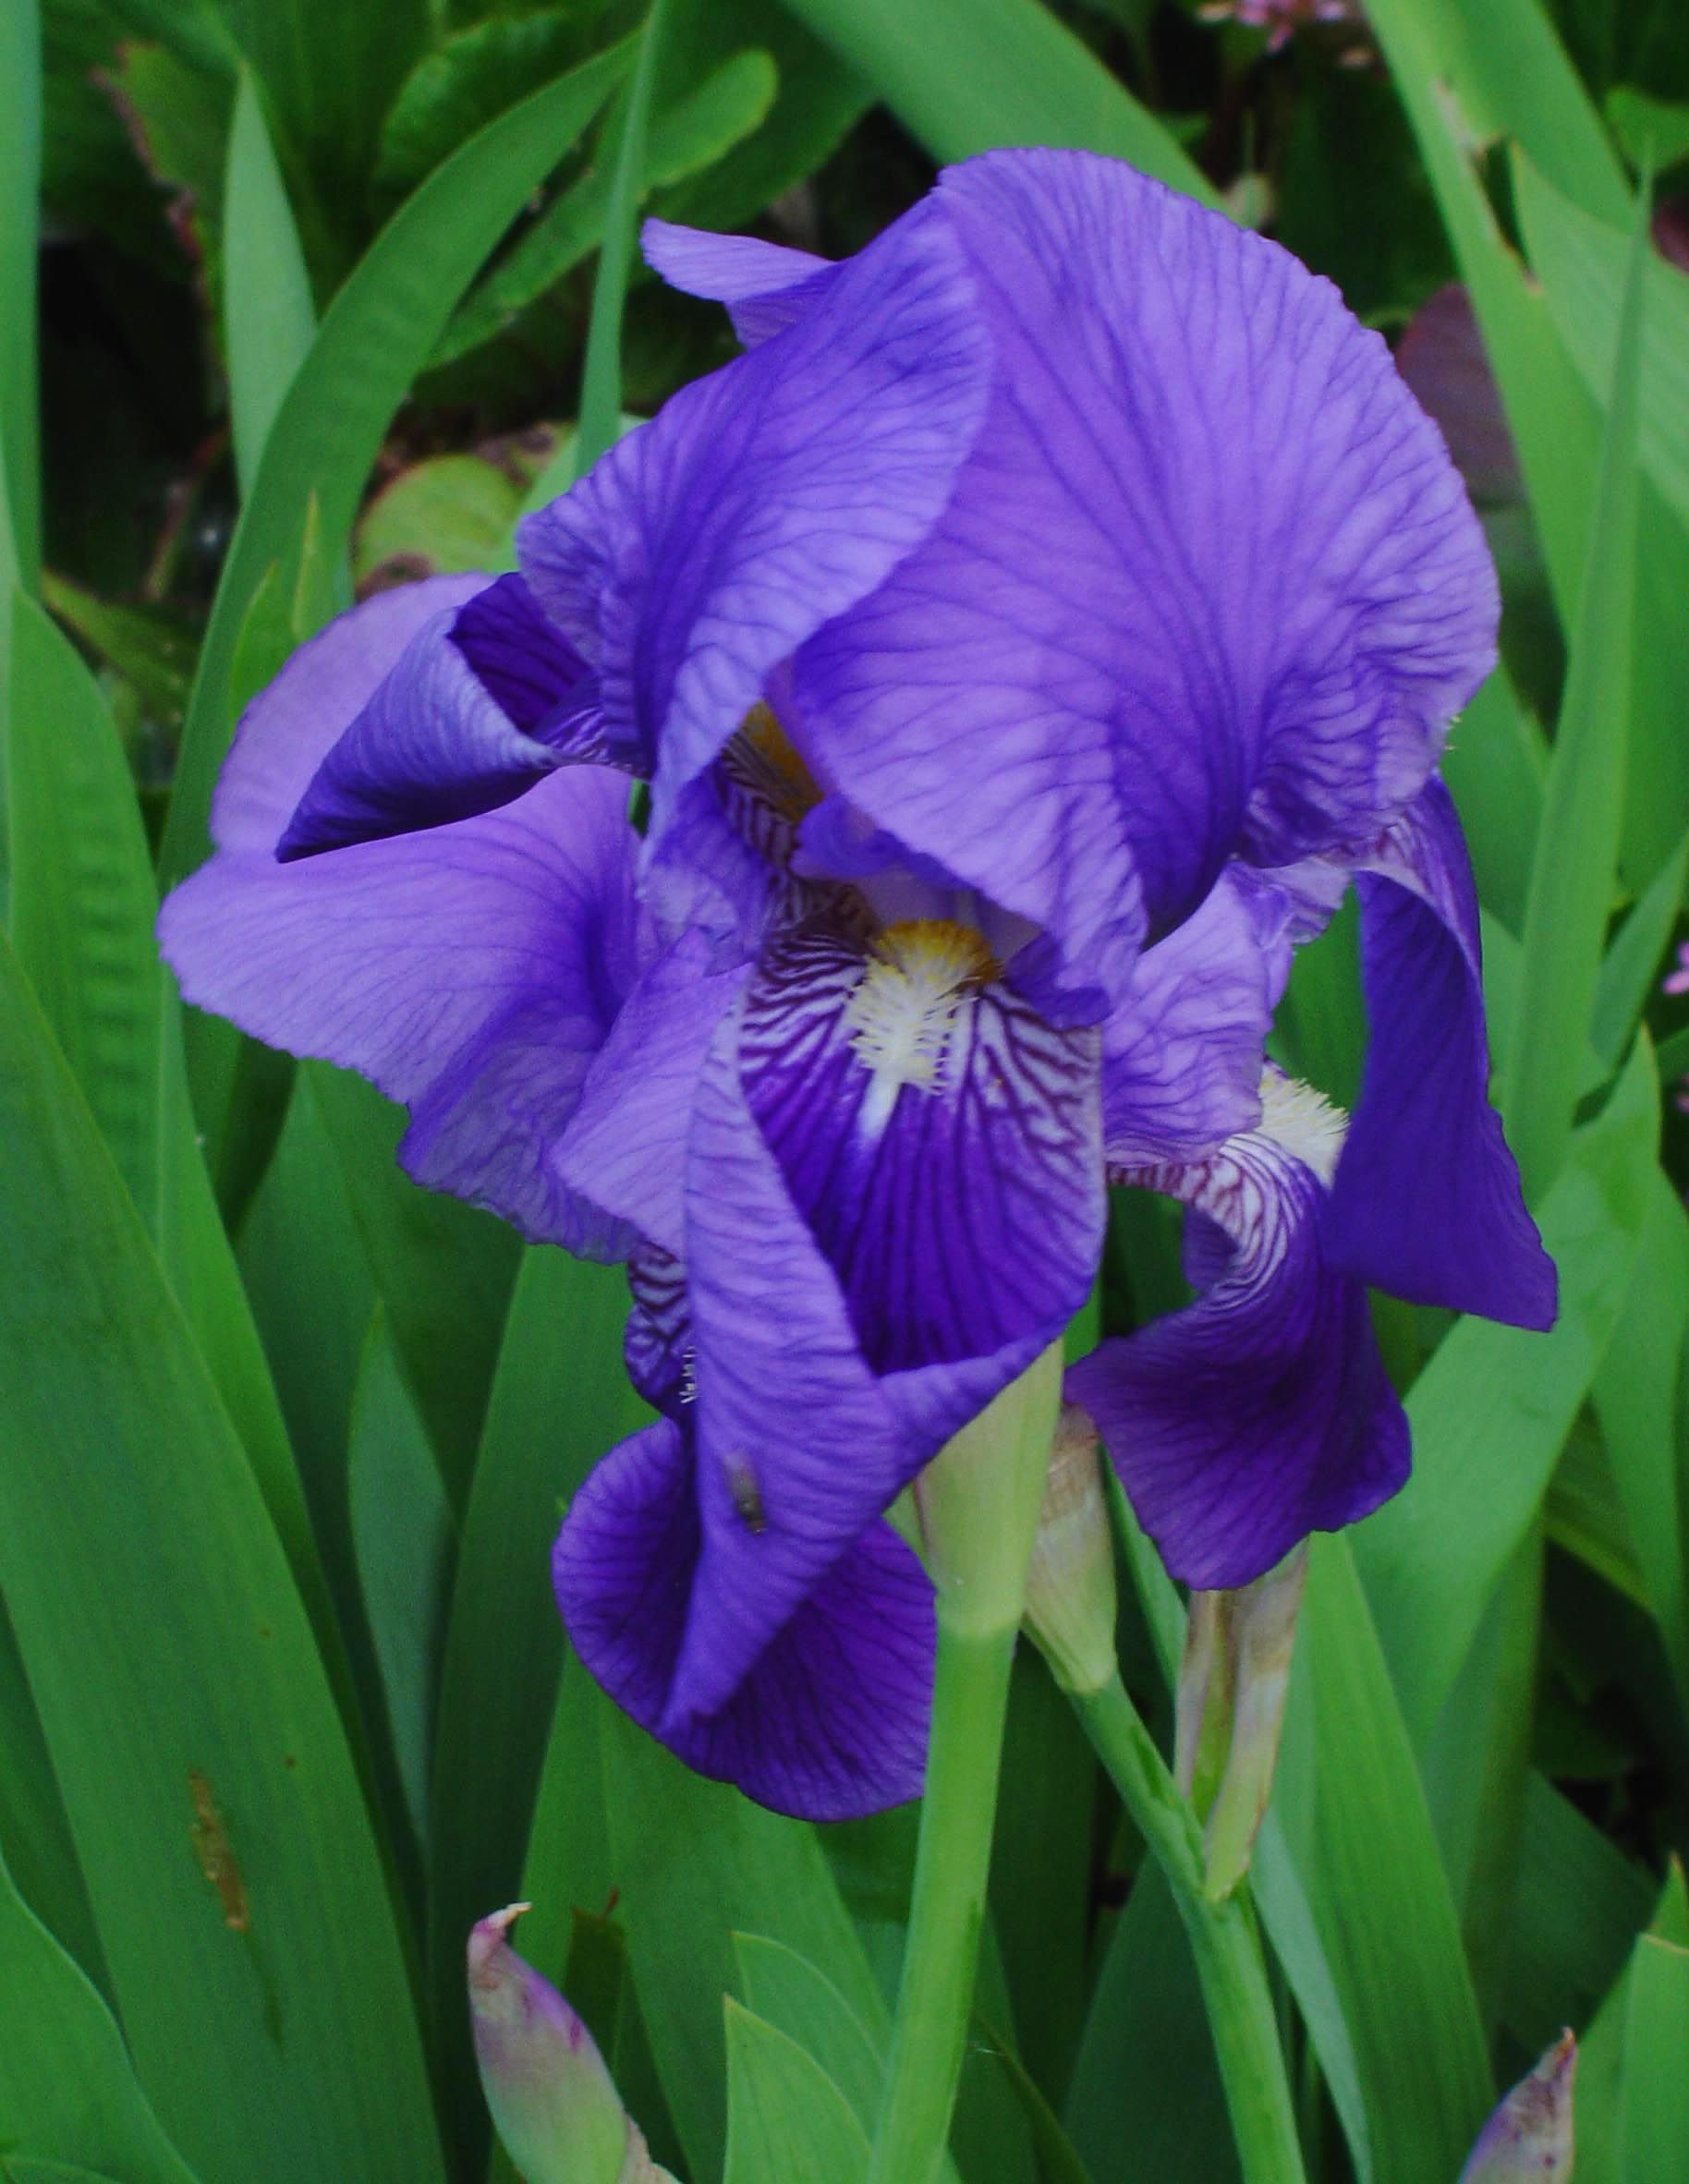 Iris croatica hrvatska perunika croatia flowers world national iris croatica hrvatska perunika croatia iris flowers blue flowers hibiscus croatia izmirmasajfo